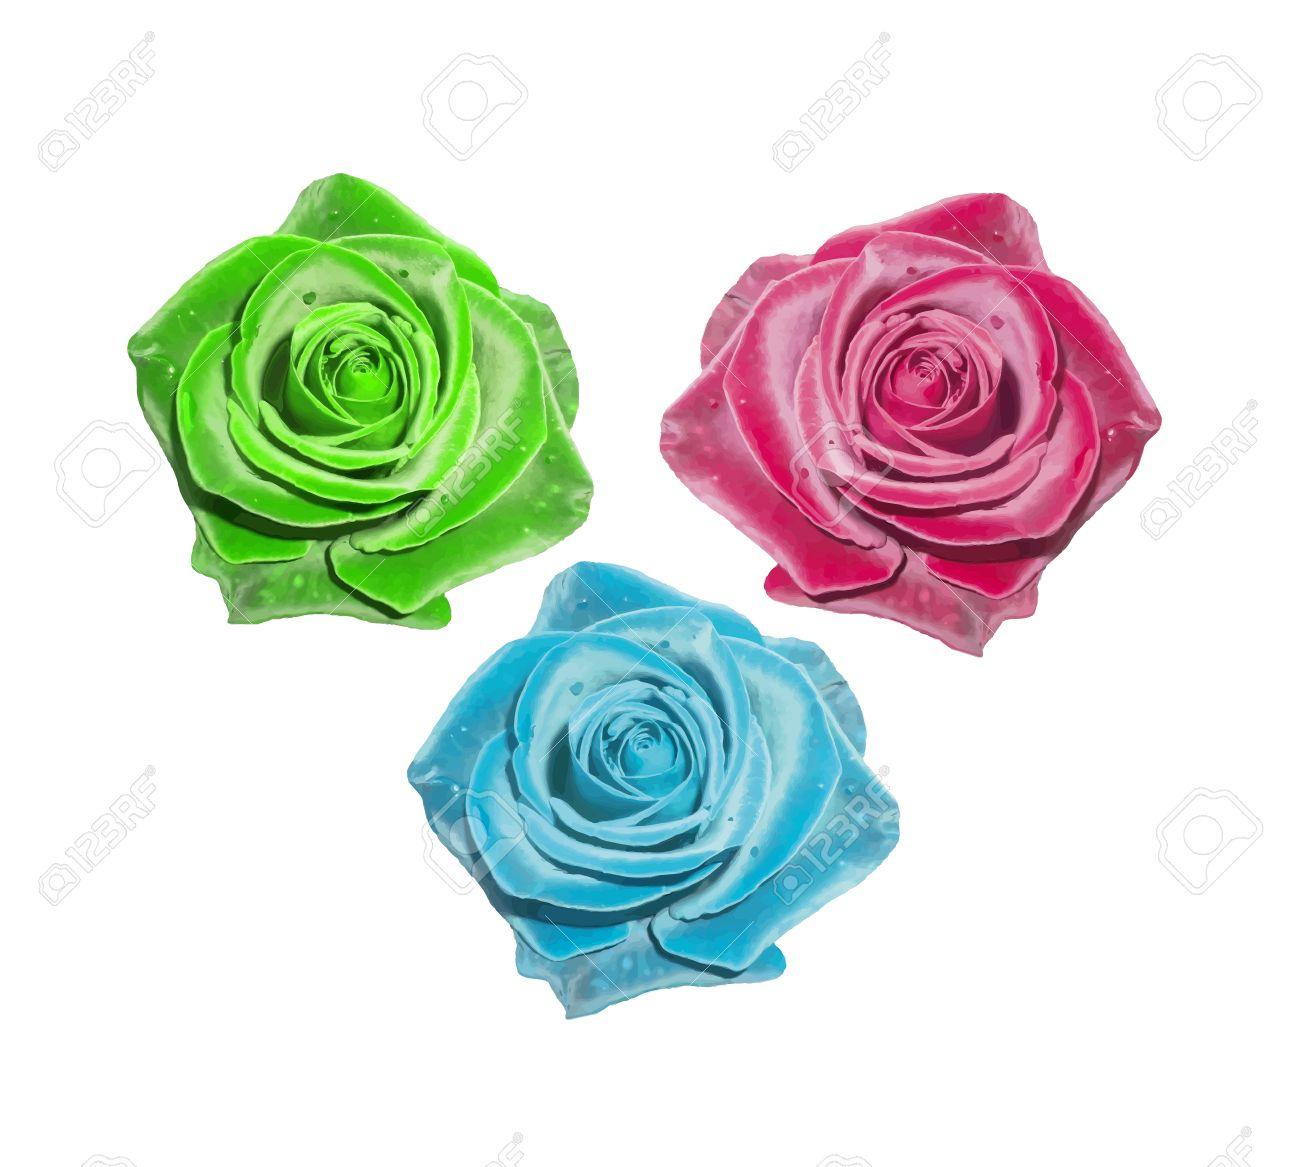 Rose Rouge Rose Verte Une Rose Bleue Vector Illustration Fleur